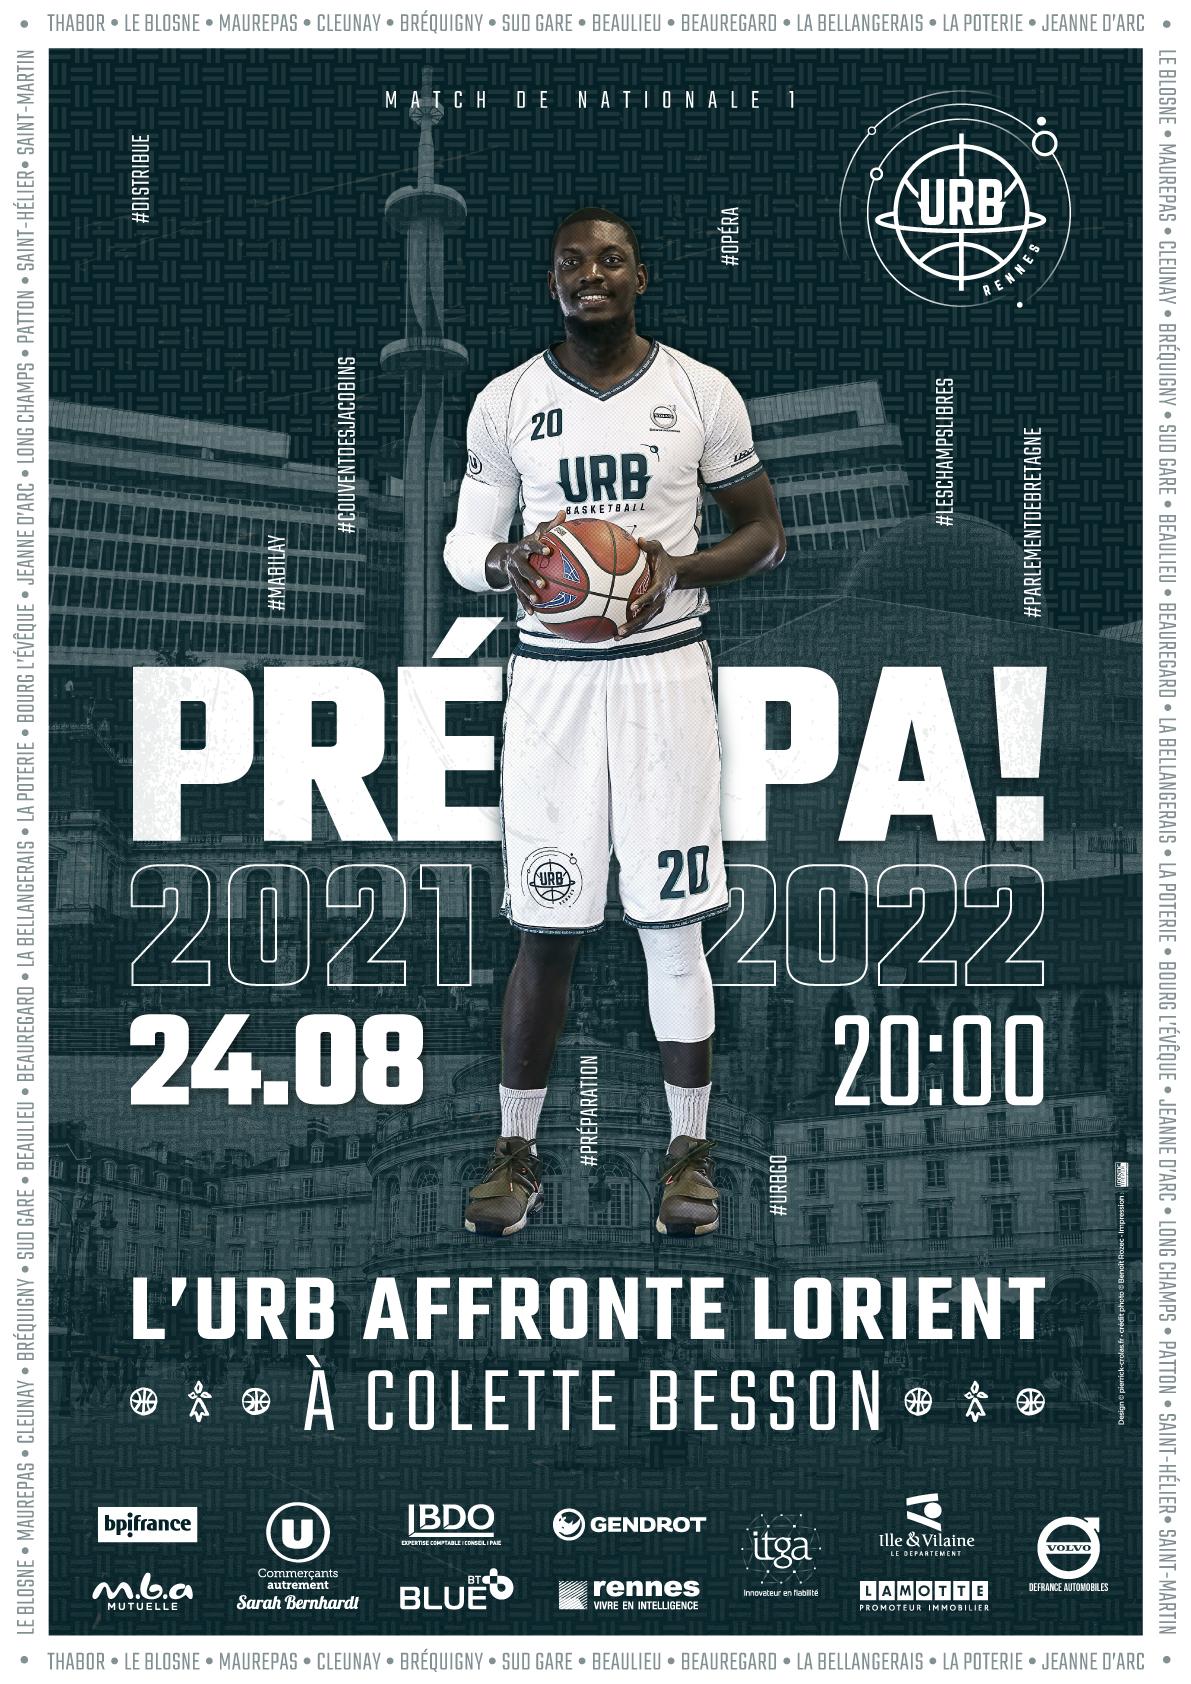 URB_S20-21_affiche-prepa-210824-1